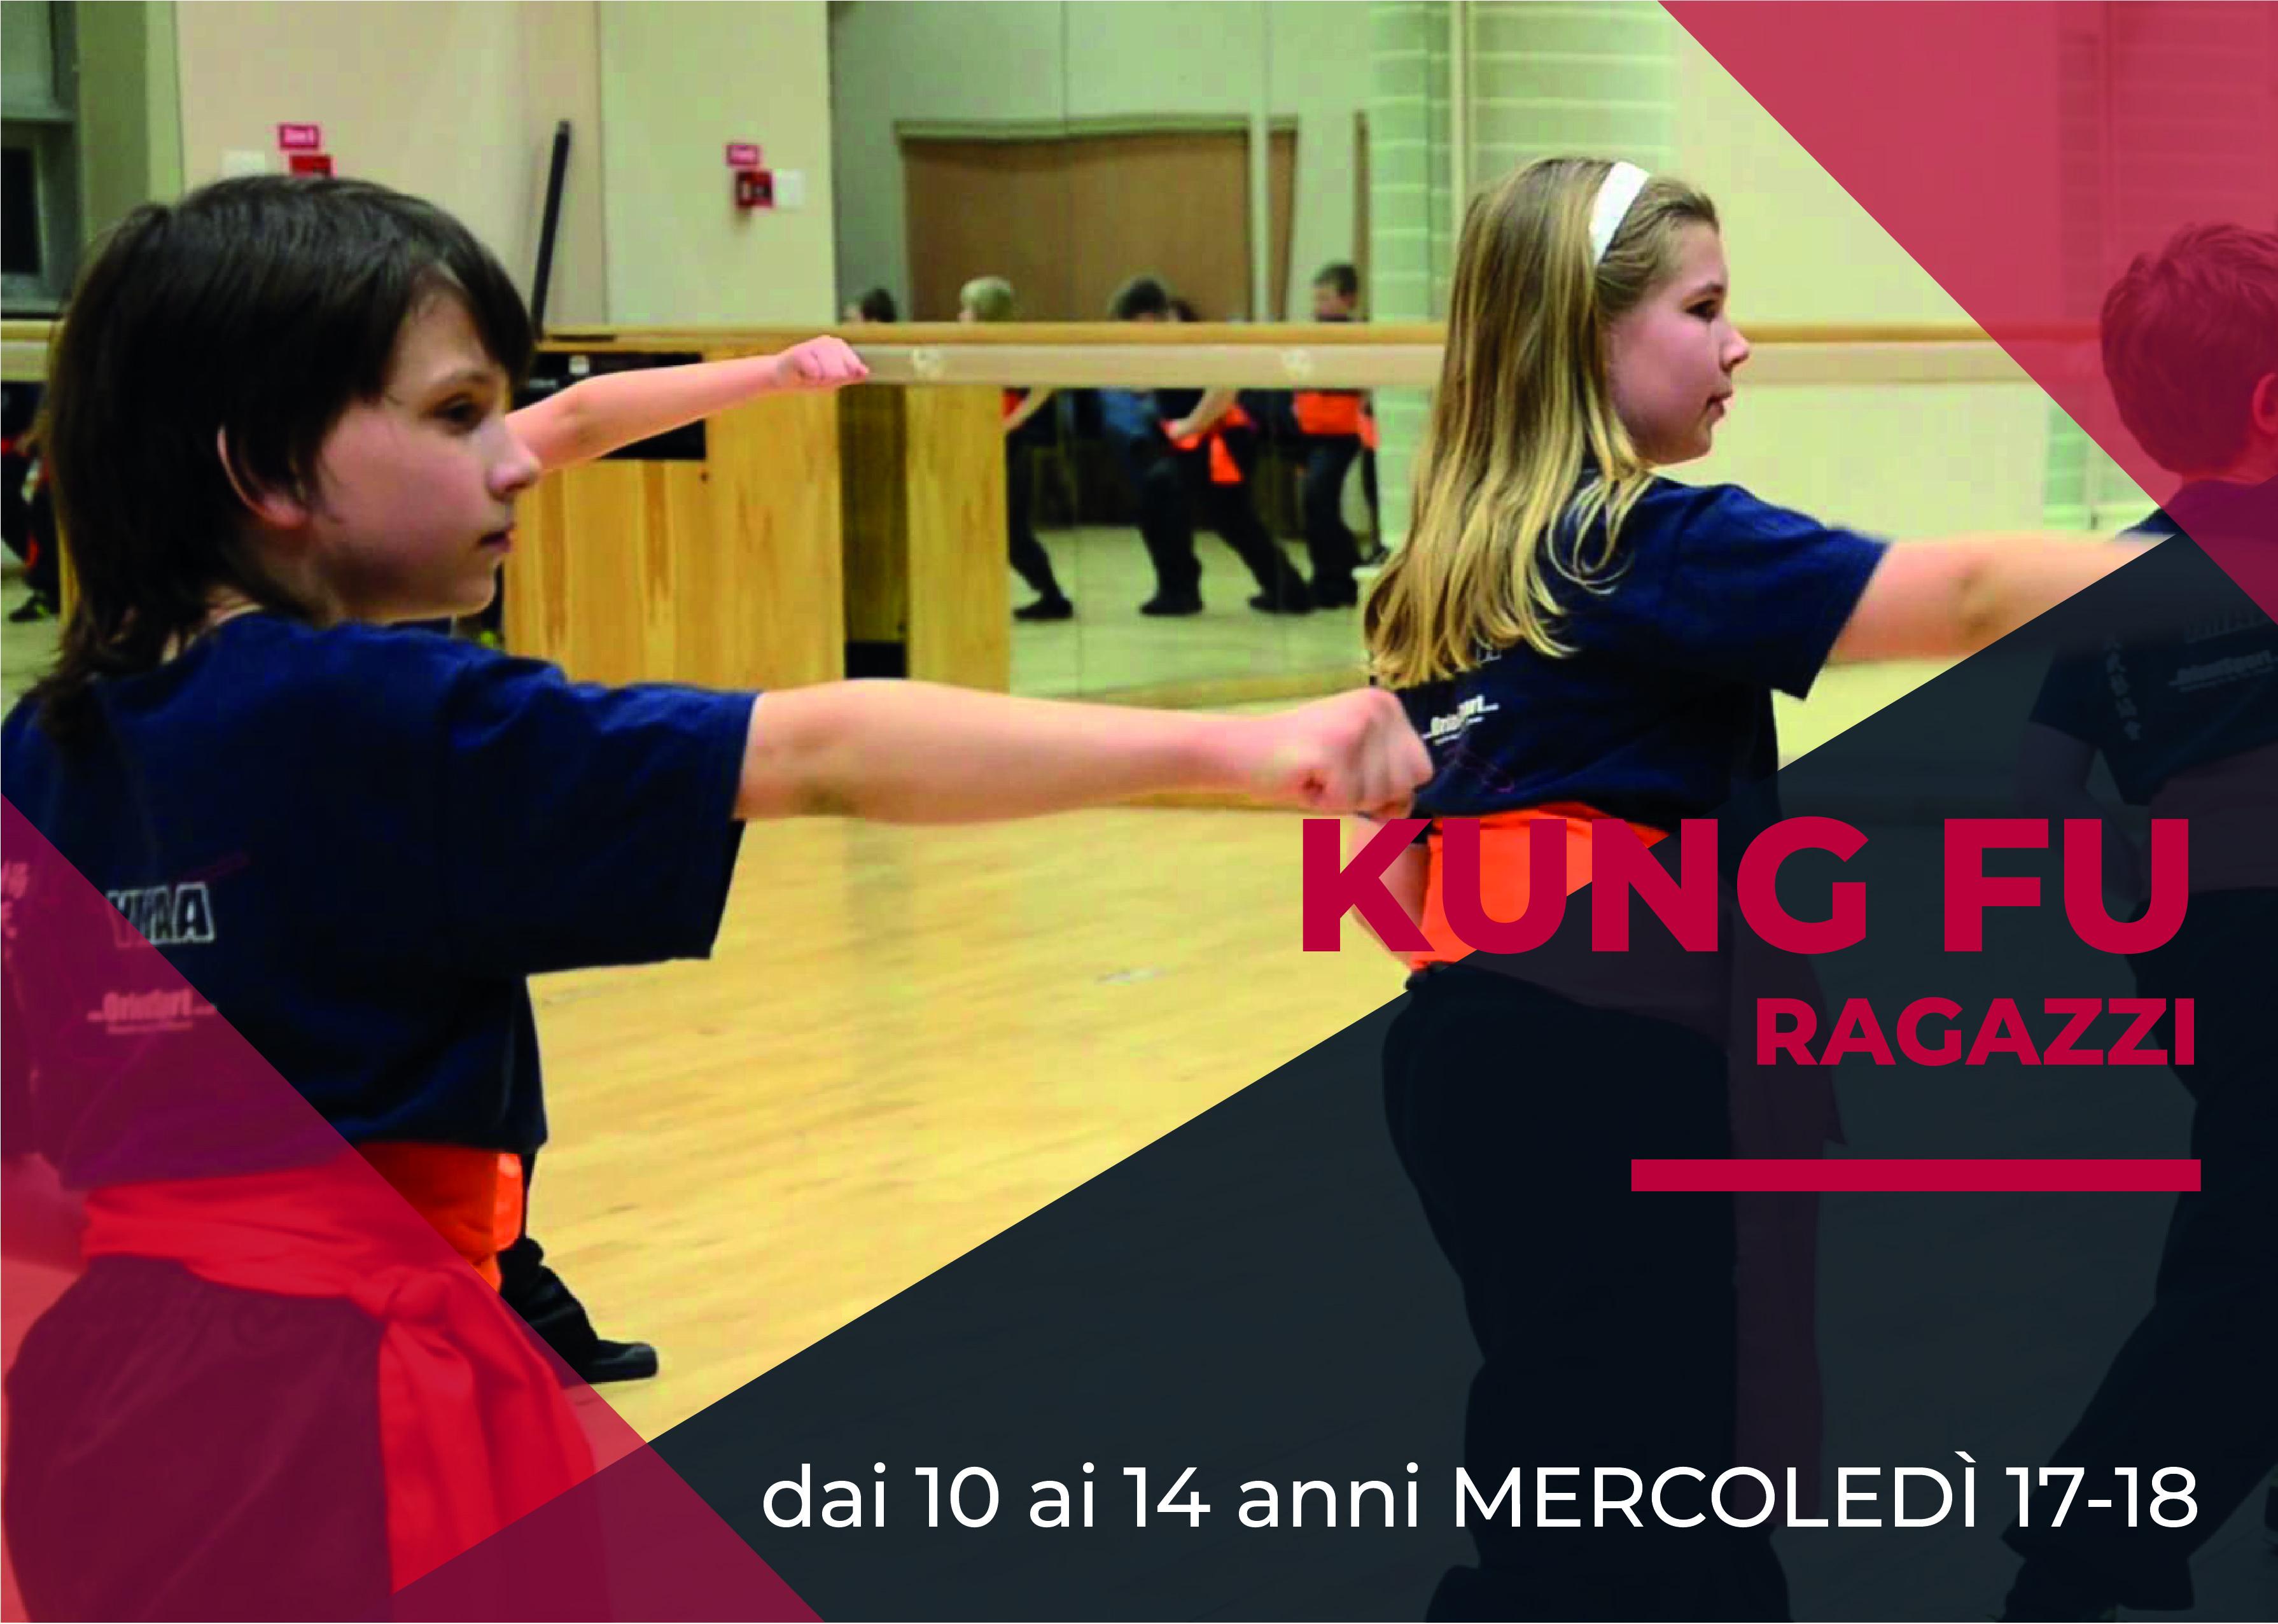 Kung Fu Ragazzi